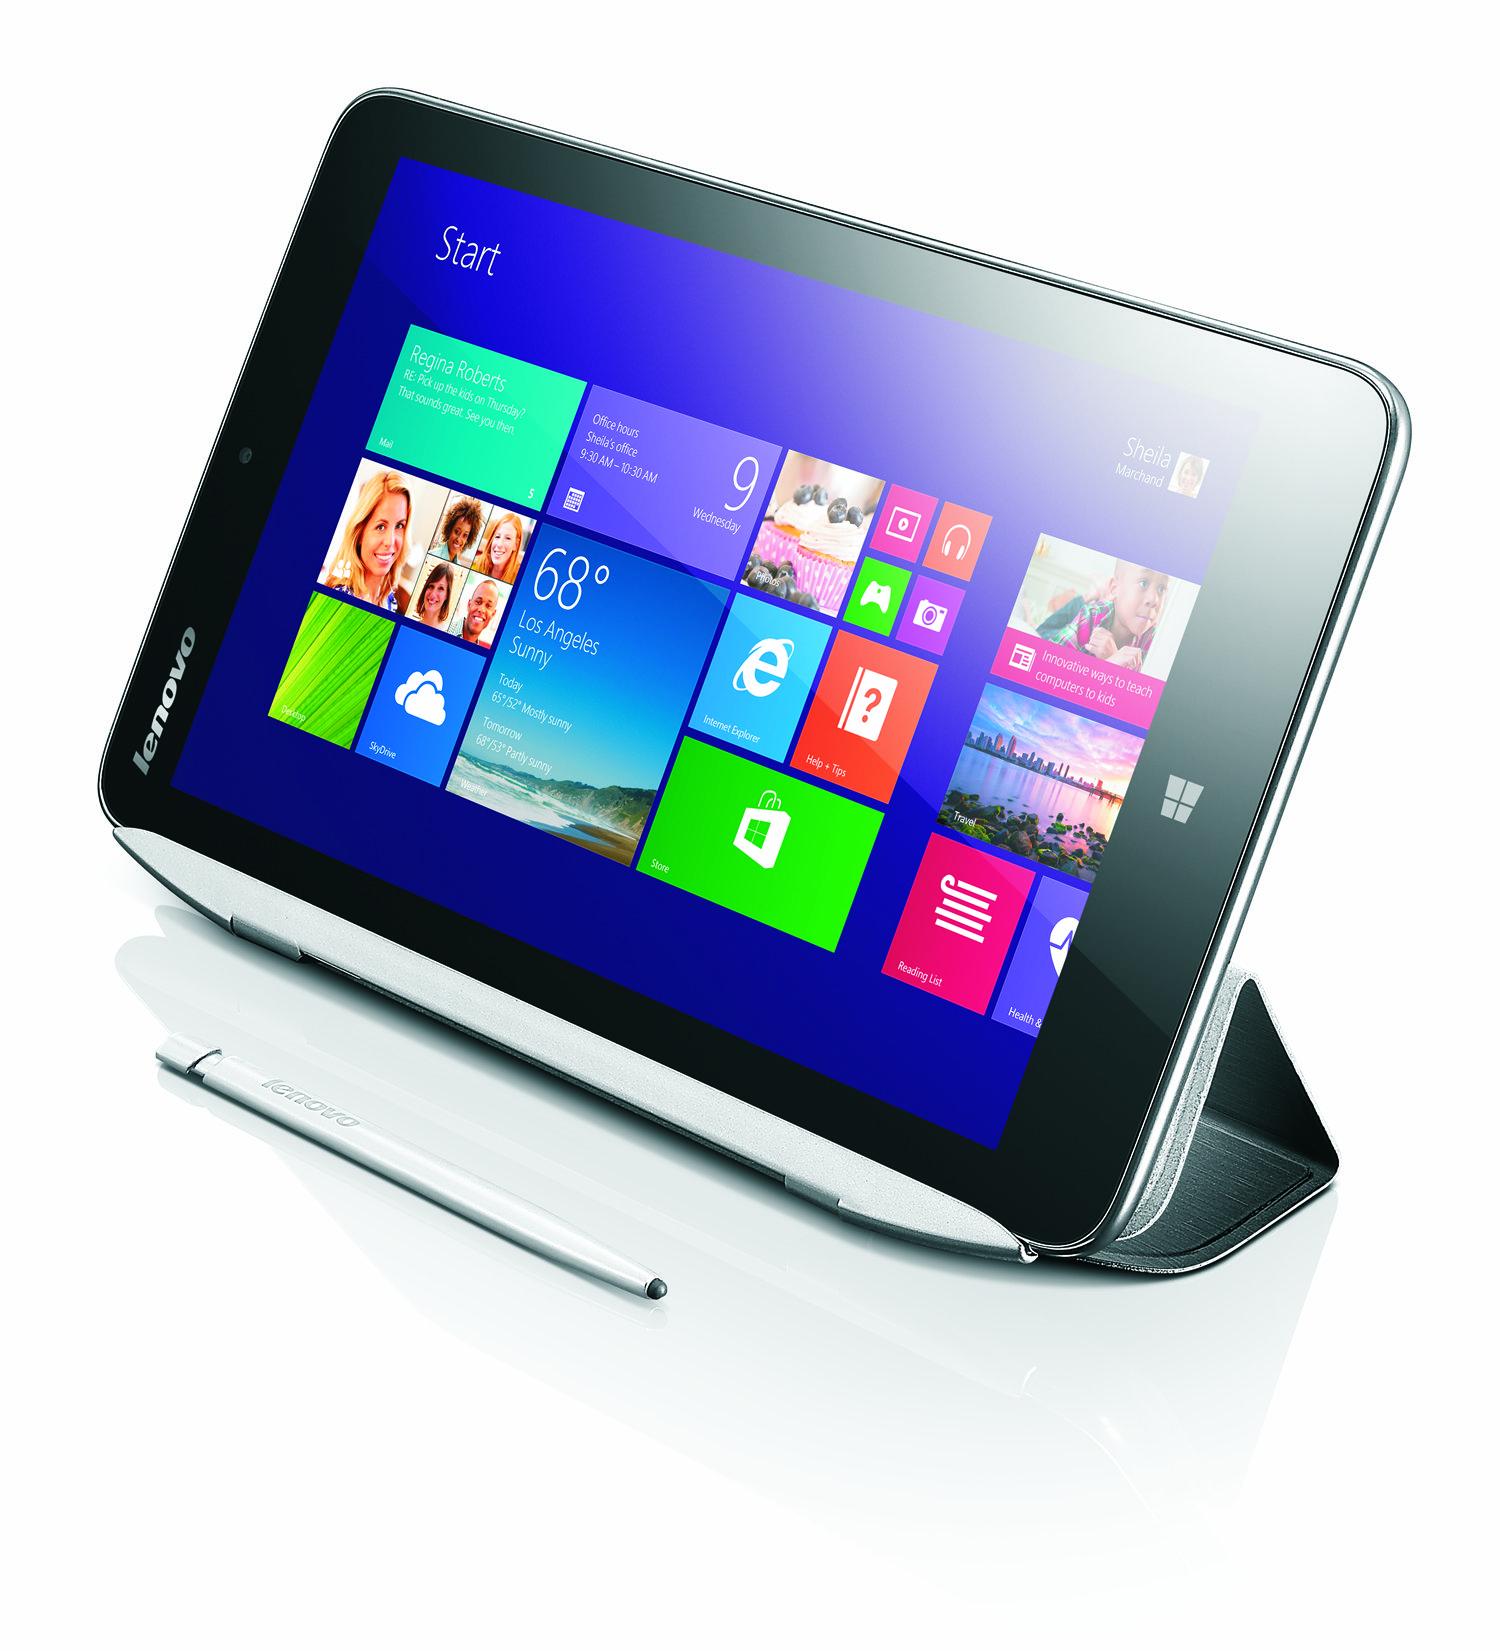 Lenovo Miix 2: 8-Zoll-Tablet mit Windows 8.1 und Bay-Trail-SoC für 300 USD - Das neue Windows-8.1-Tablet Miix 2 von Lenovo (Bild: Lenovo)